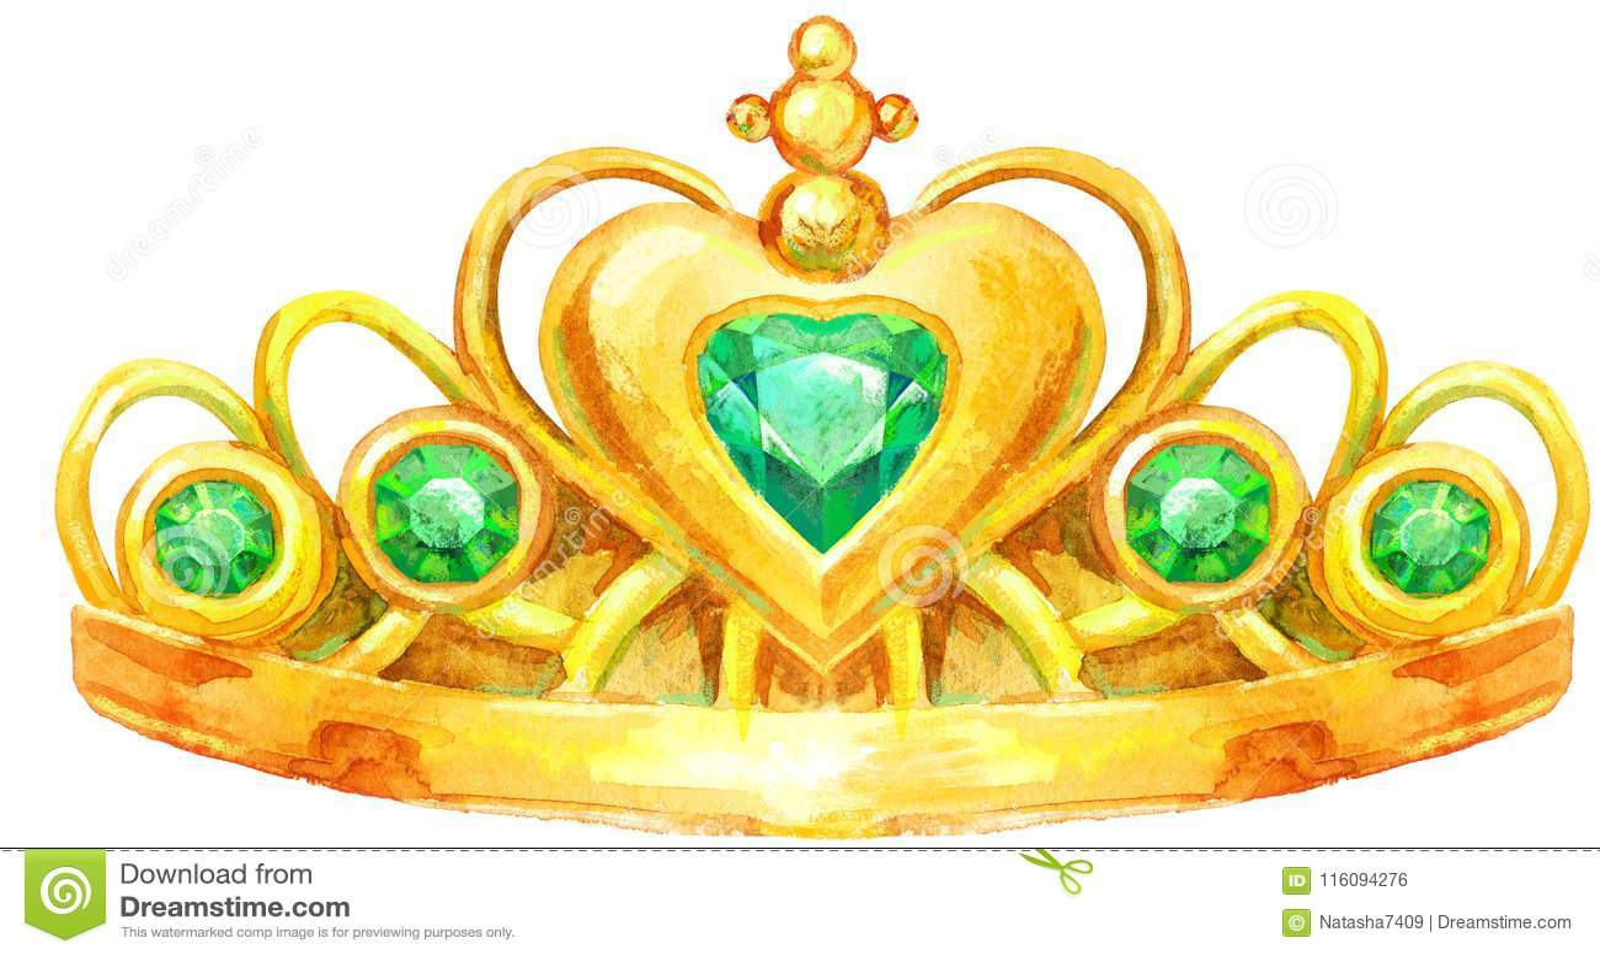 Coroa De Princesa Desenho: Princesa De Coroa Dourada Da Aquarela Ilustração Stock